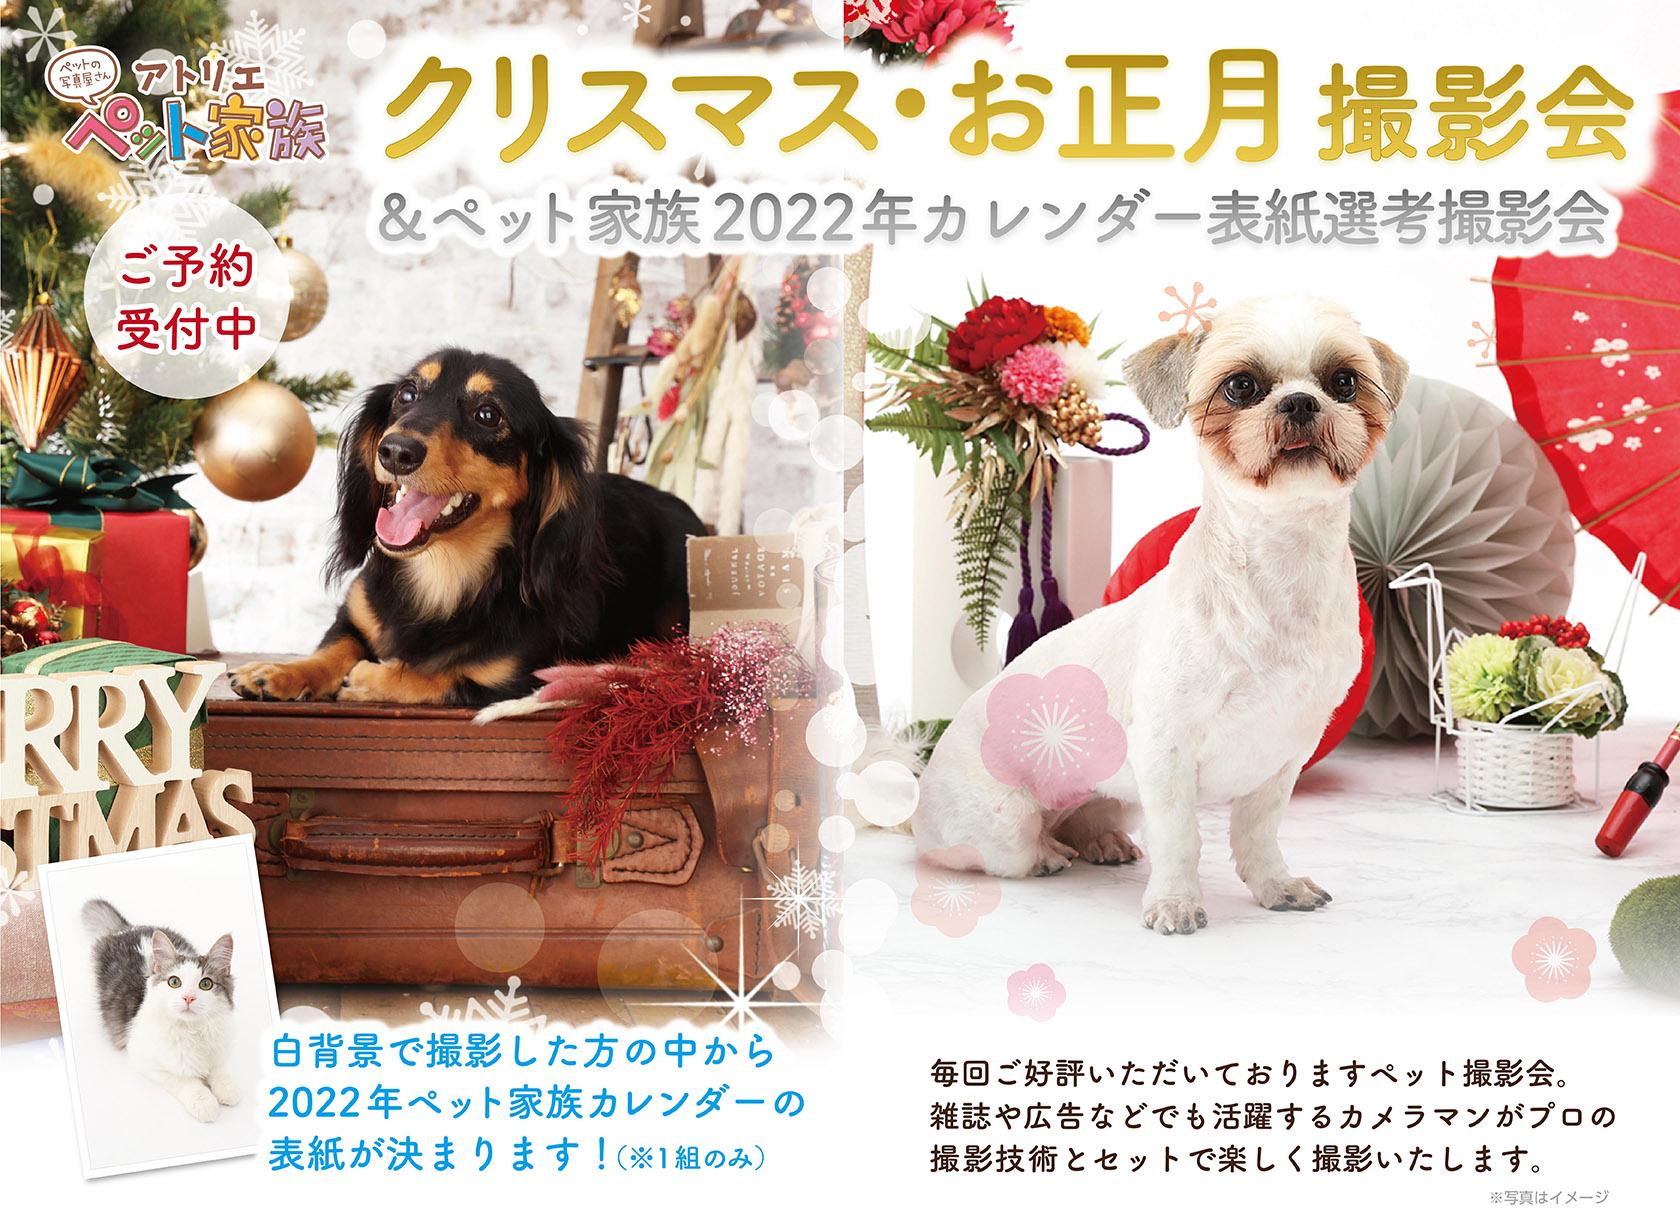 クリスマス・お正月撮影会 開催!